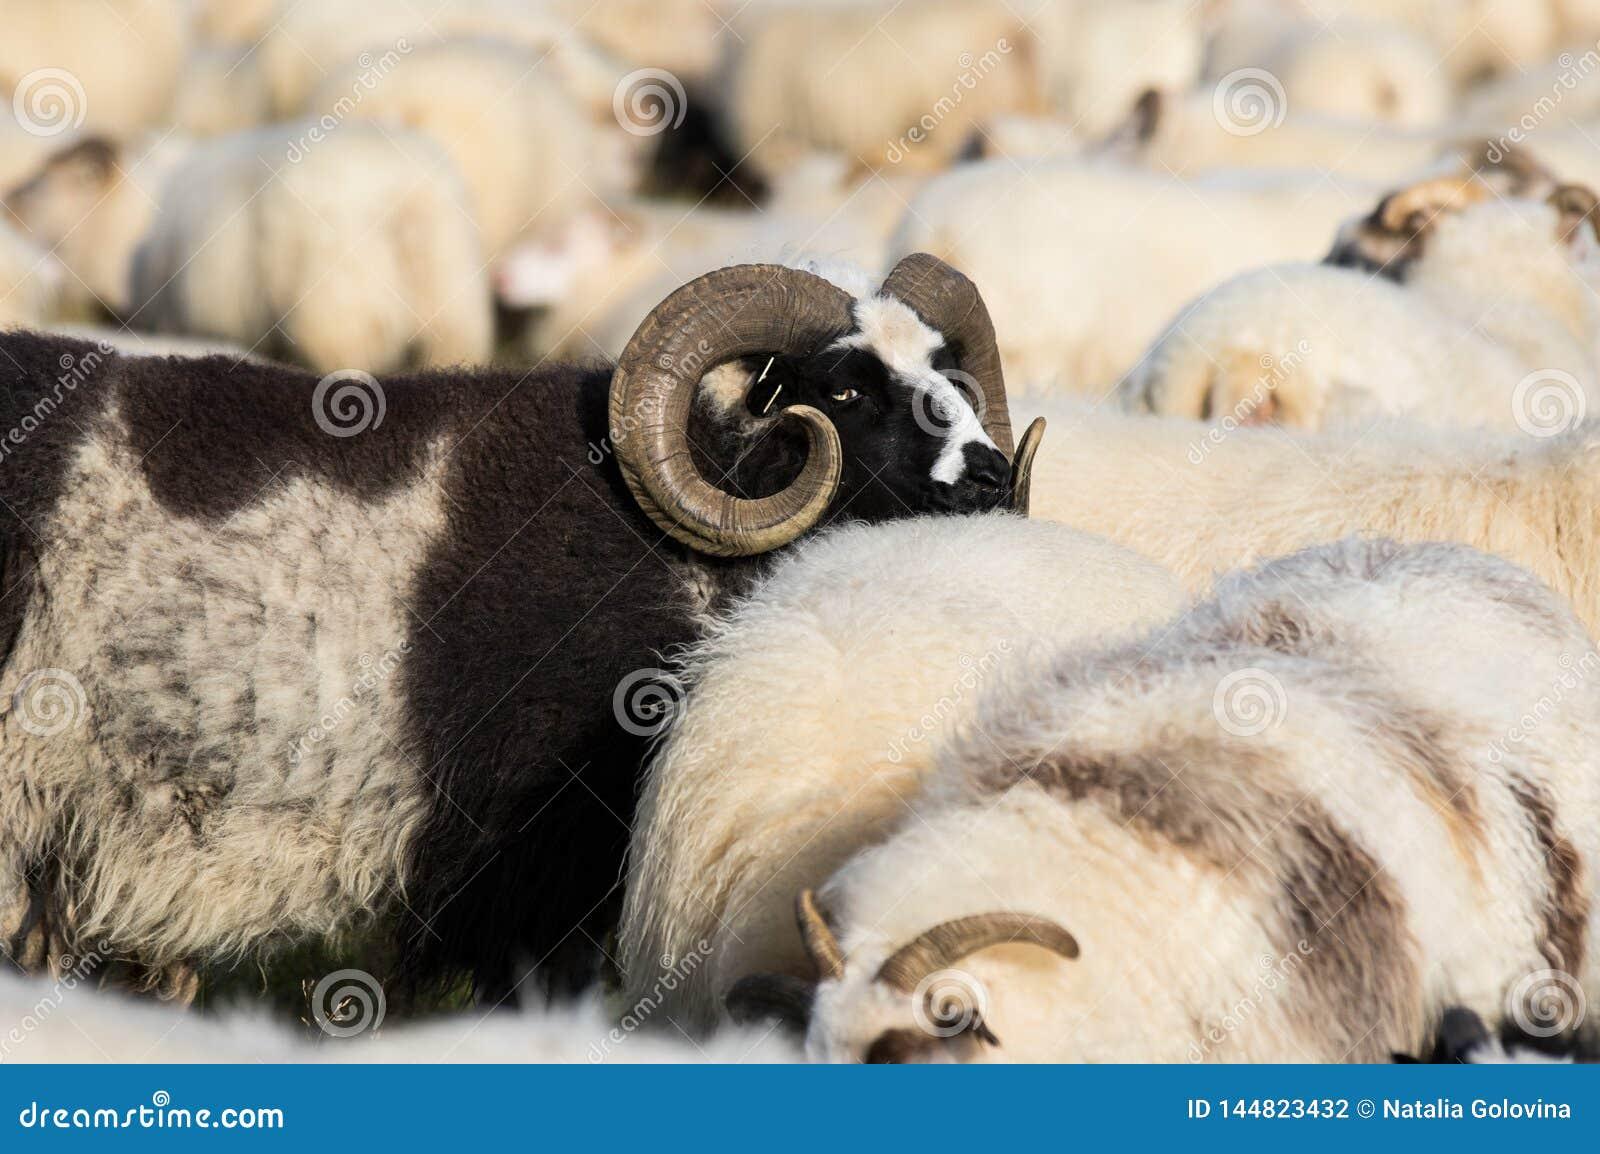 Duzi czarni baran?w cakle z ogromnymi pokr?conymi rogami mi?dzy bia?ymi sheeps w polu Iceland